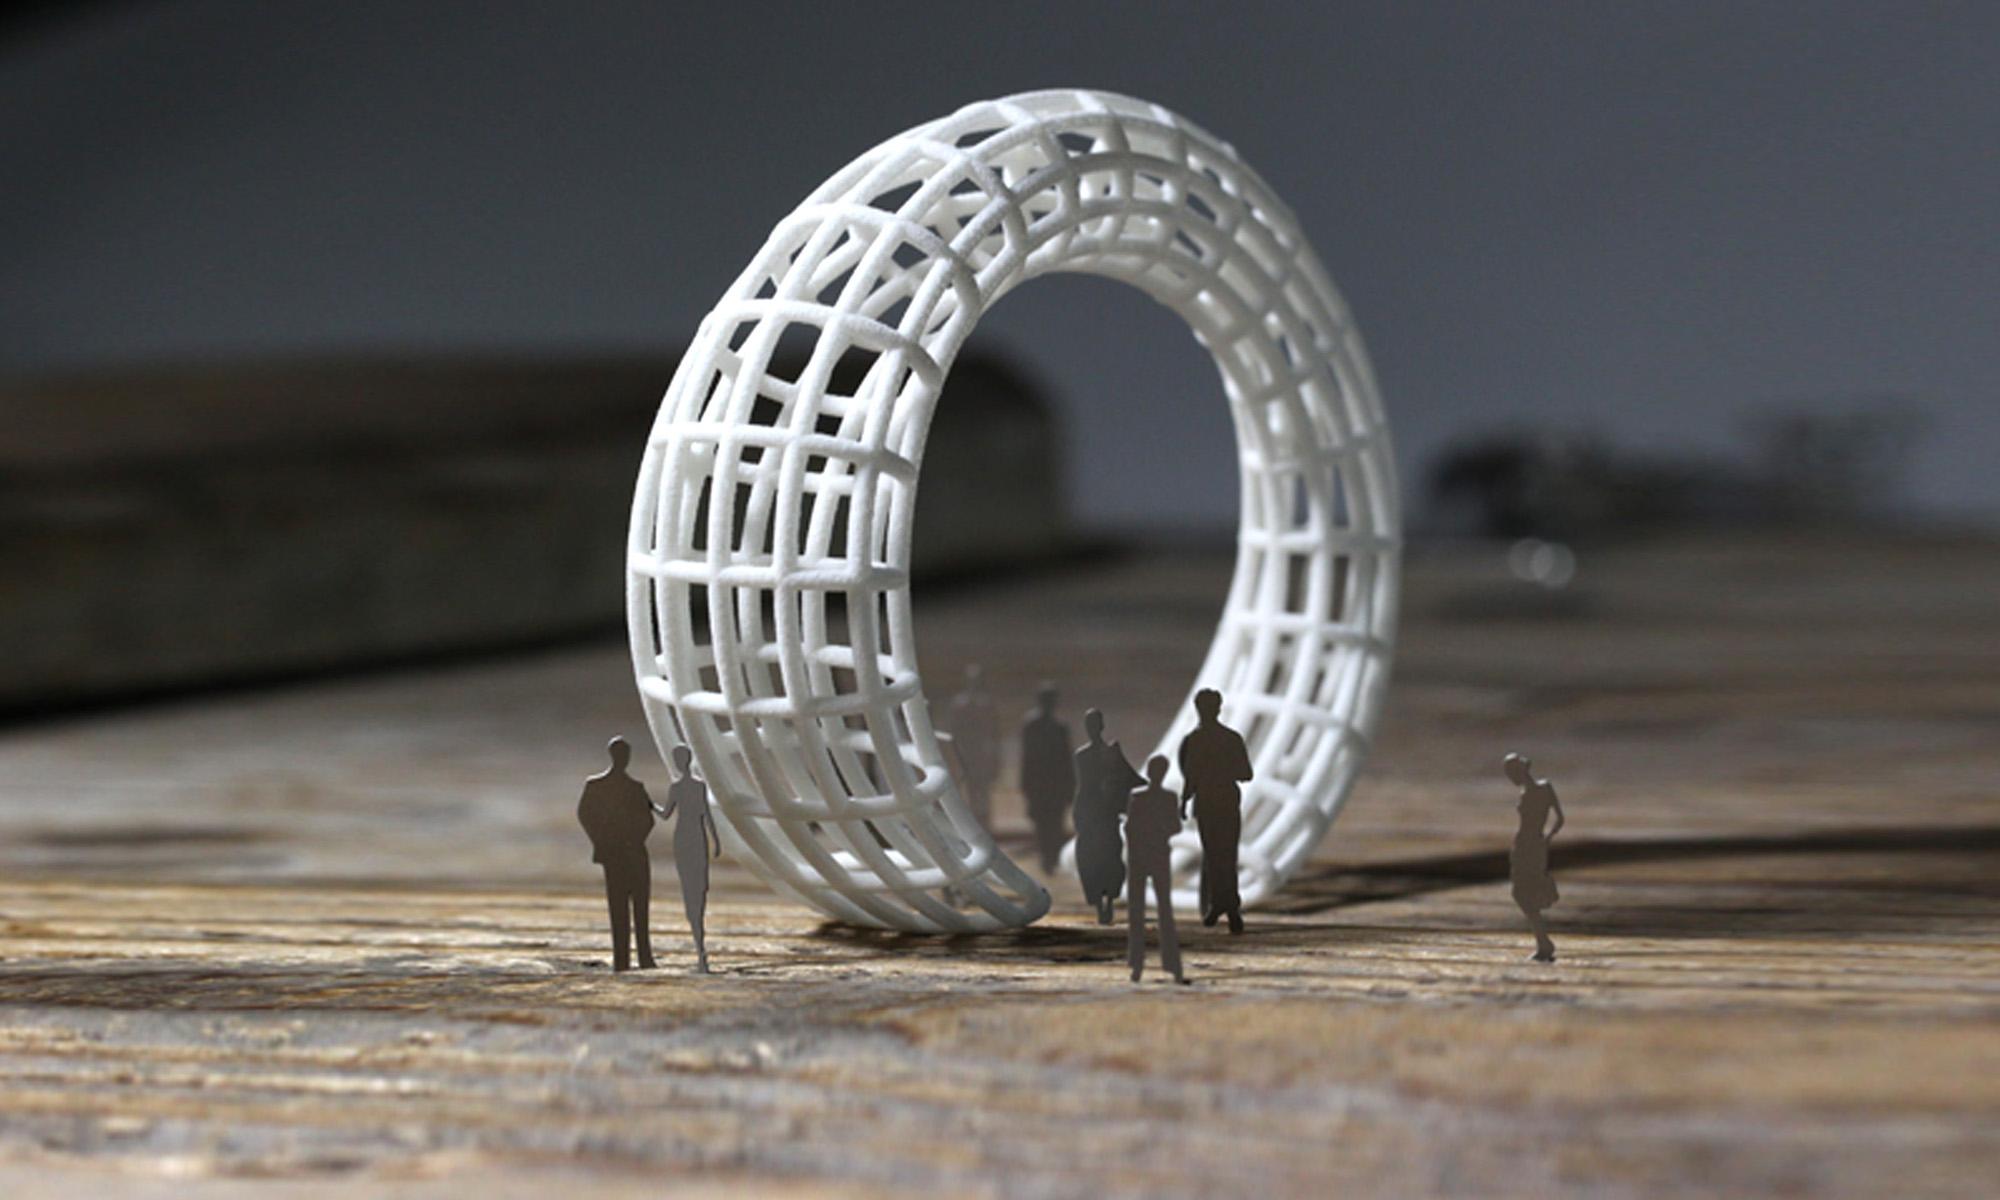 weißer Armreif durch modellbaufiguren verliert der Armreif seinen Maßstab und wird selbst zur Architektur